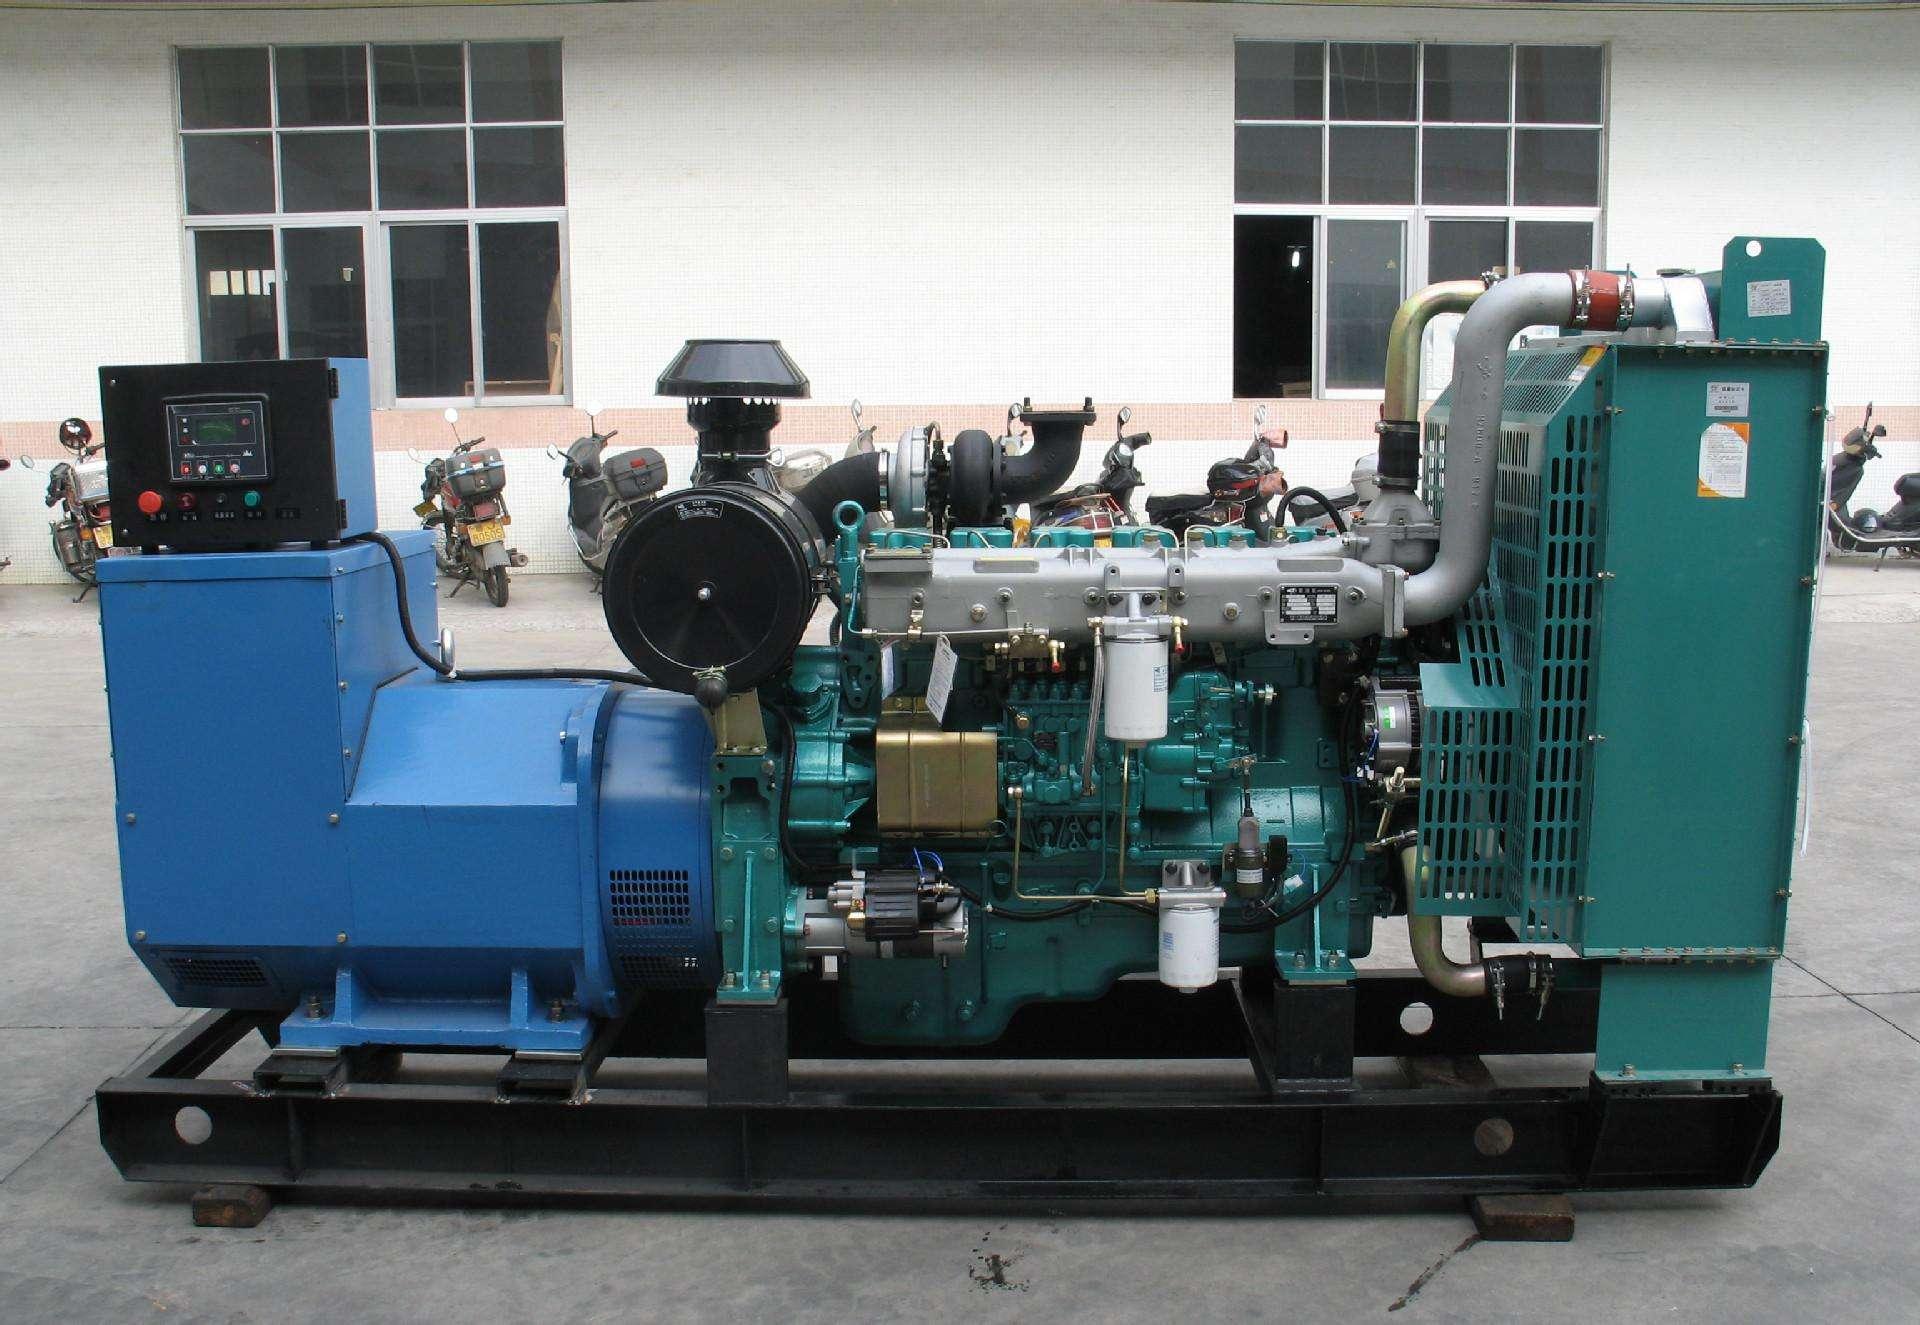 玉柴300kw柴油发电机组型号YC6MK420L-D20 奔马动力玉柴系列柴油发电机组-潍坊奔马动力设备有限公司